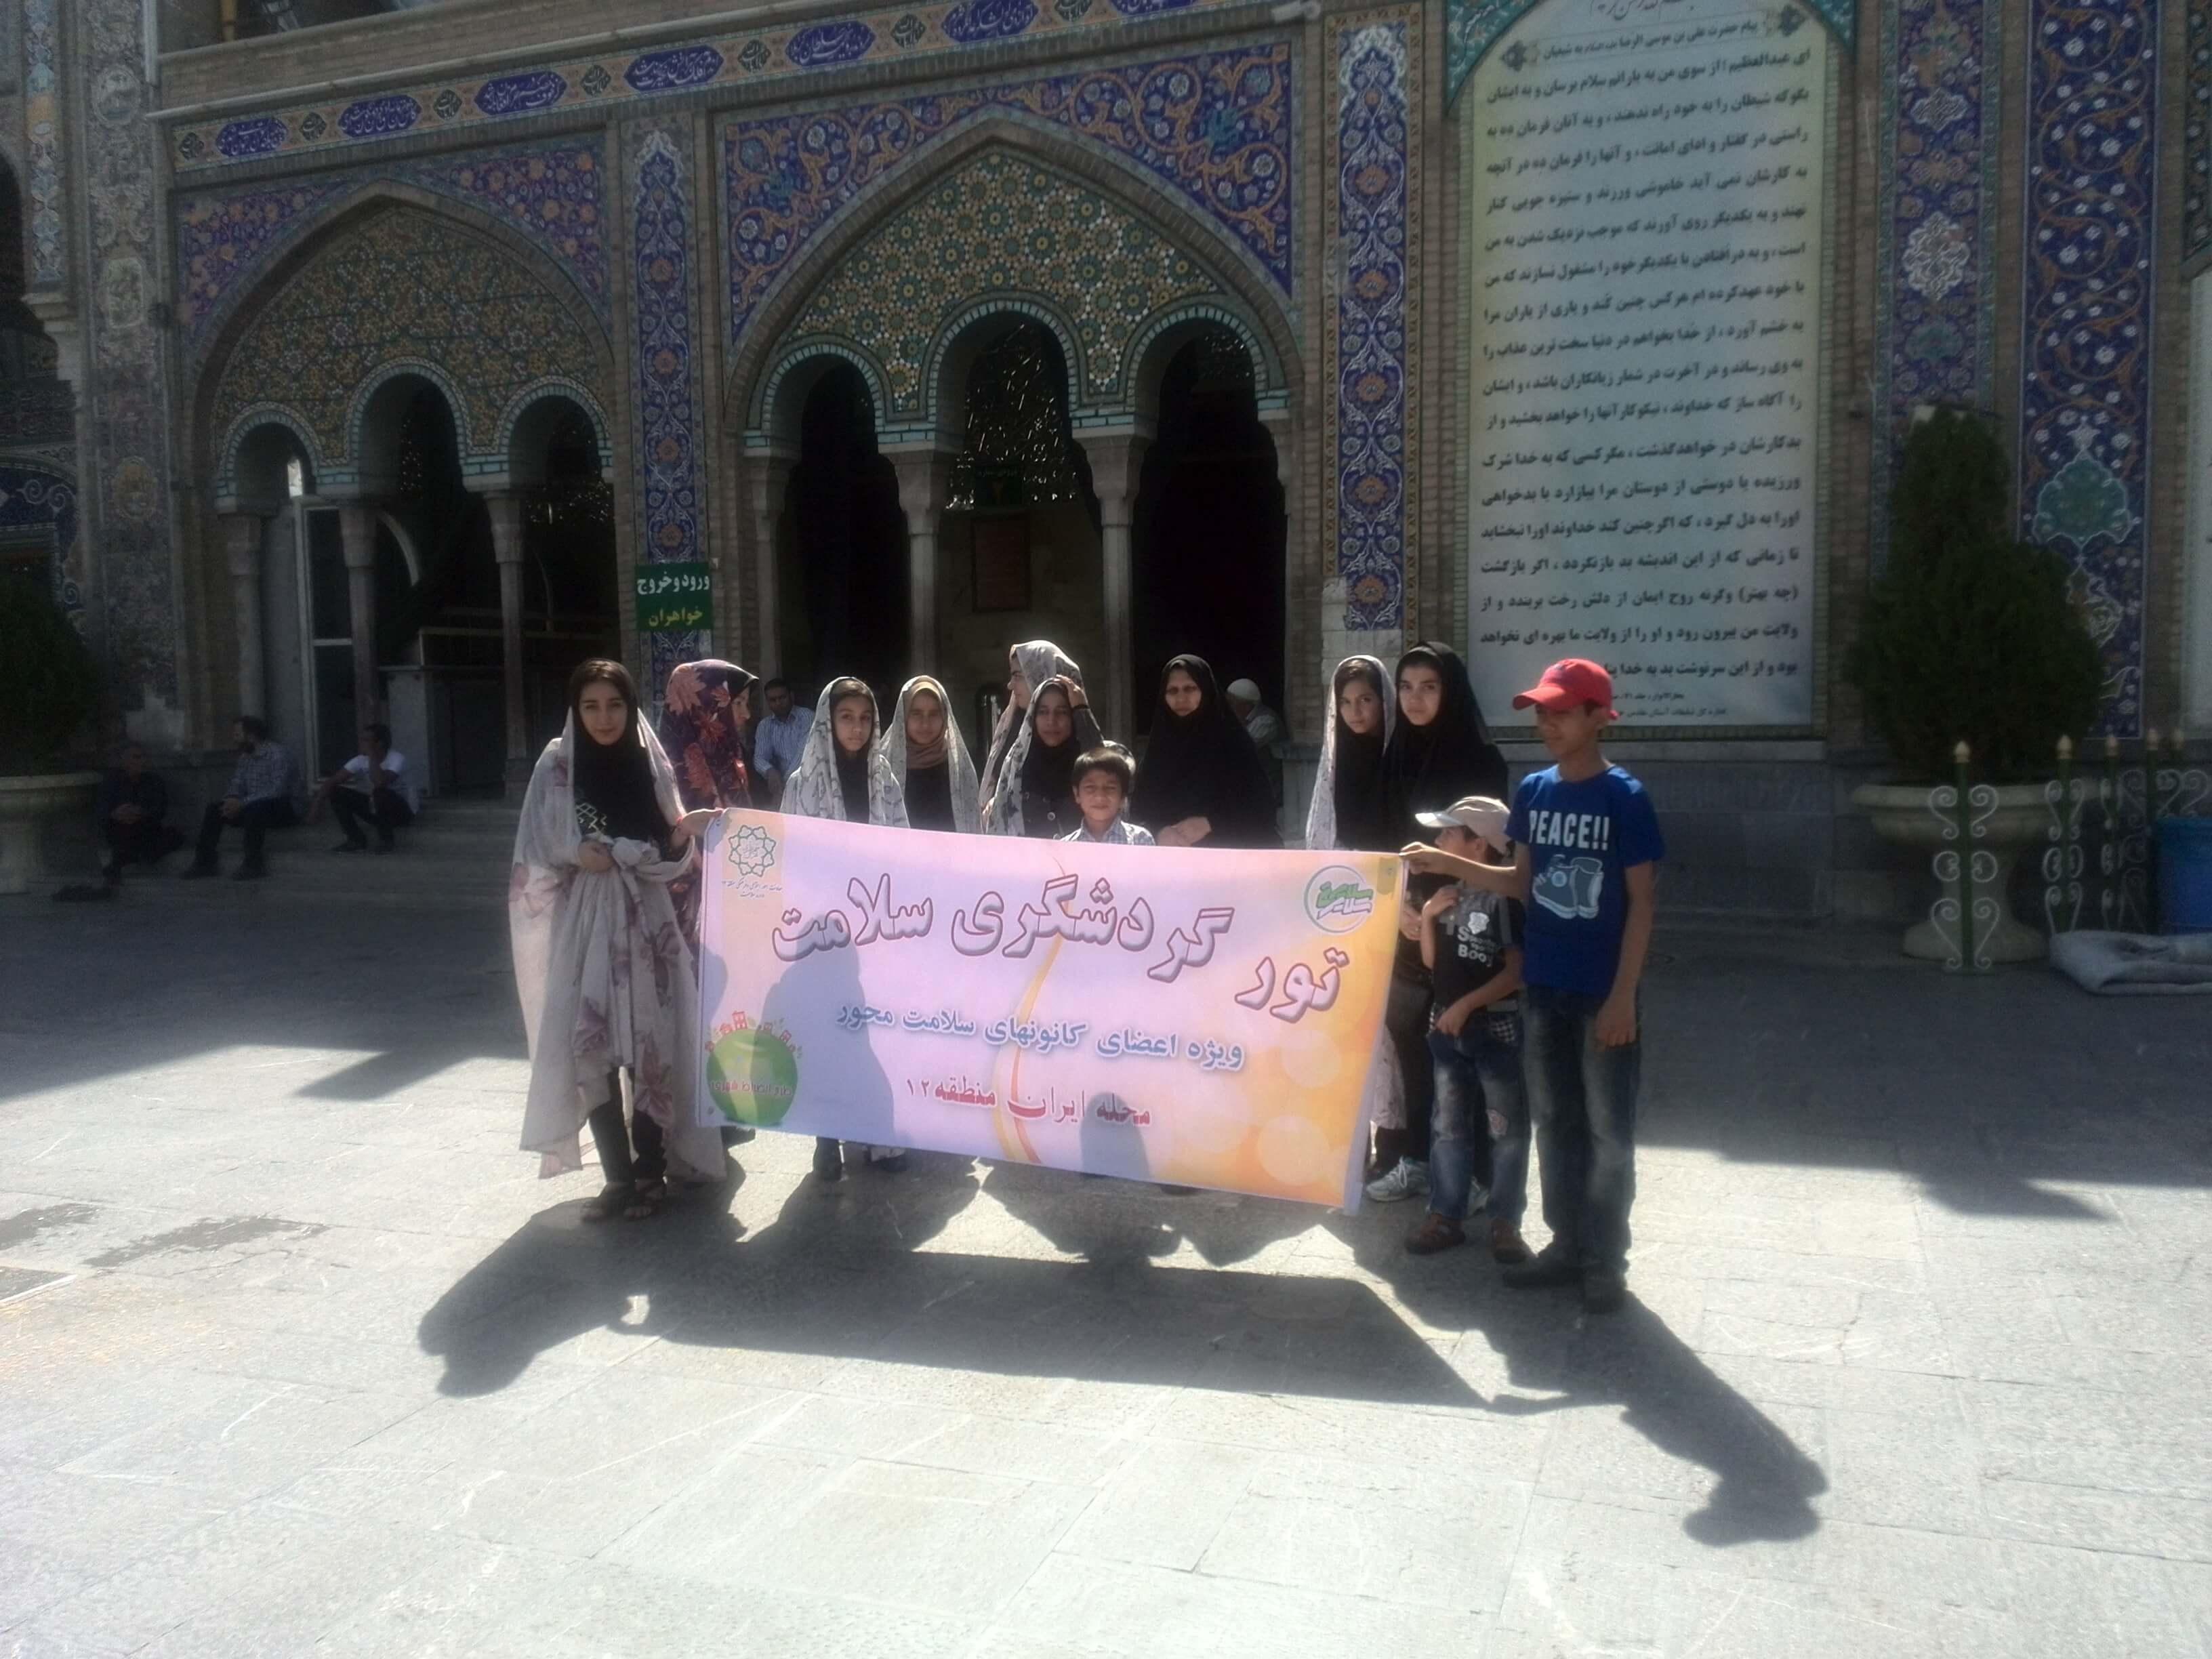 اقدامات مهرآفرین در ماه مبارک رمضان